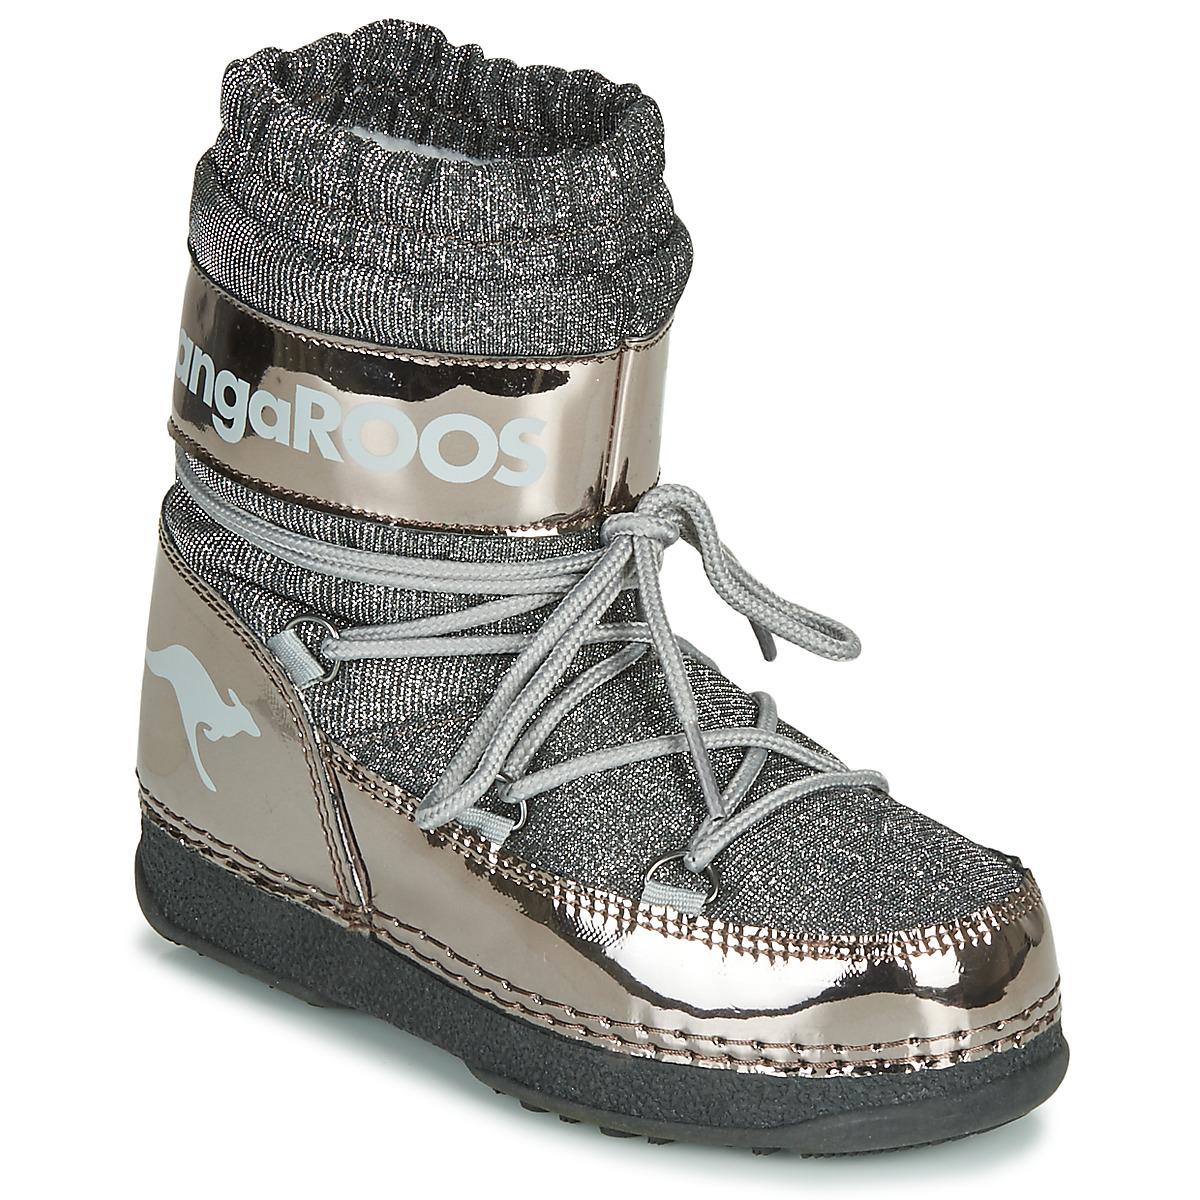 Vinterstøvler Kangaroos  K-MOON